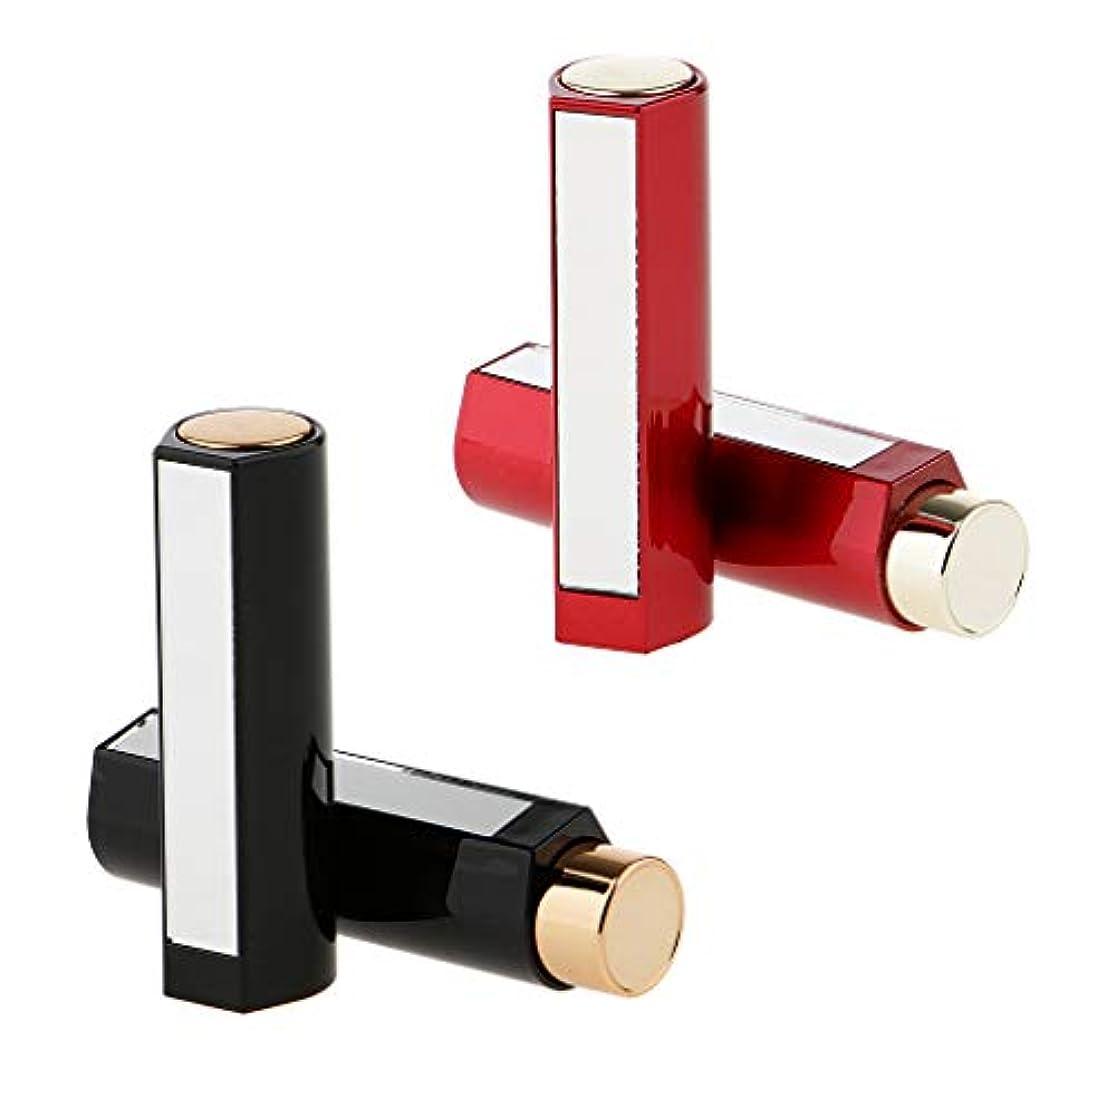 プログラムラベンダー干渉する4本セット 空チューブ 口紅容器 口紅チューブ リップスティックコンテナ 約7.5x 2cm